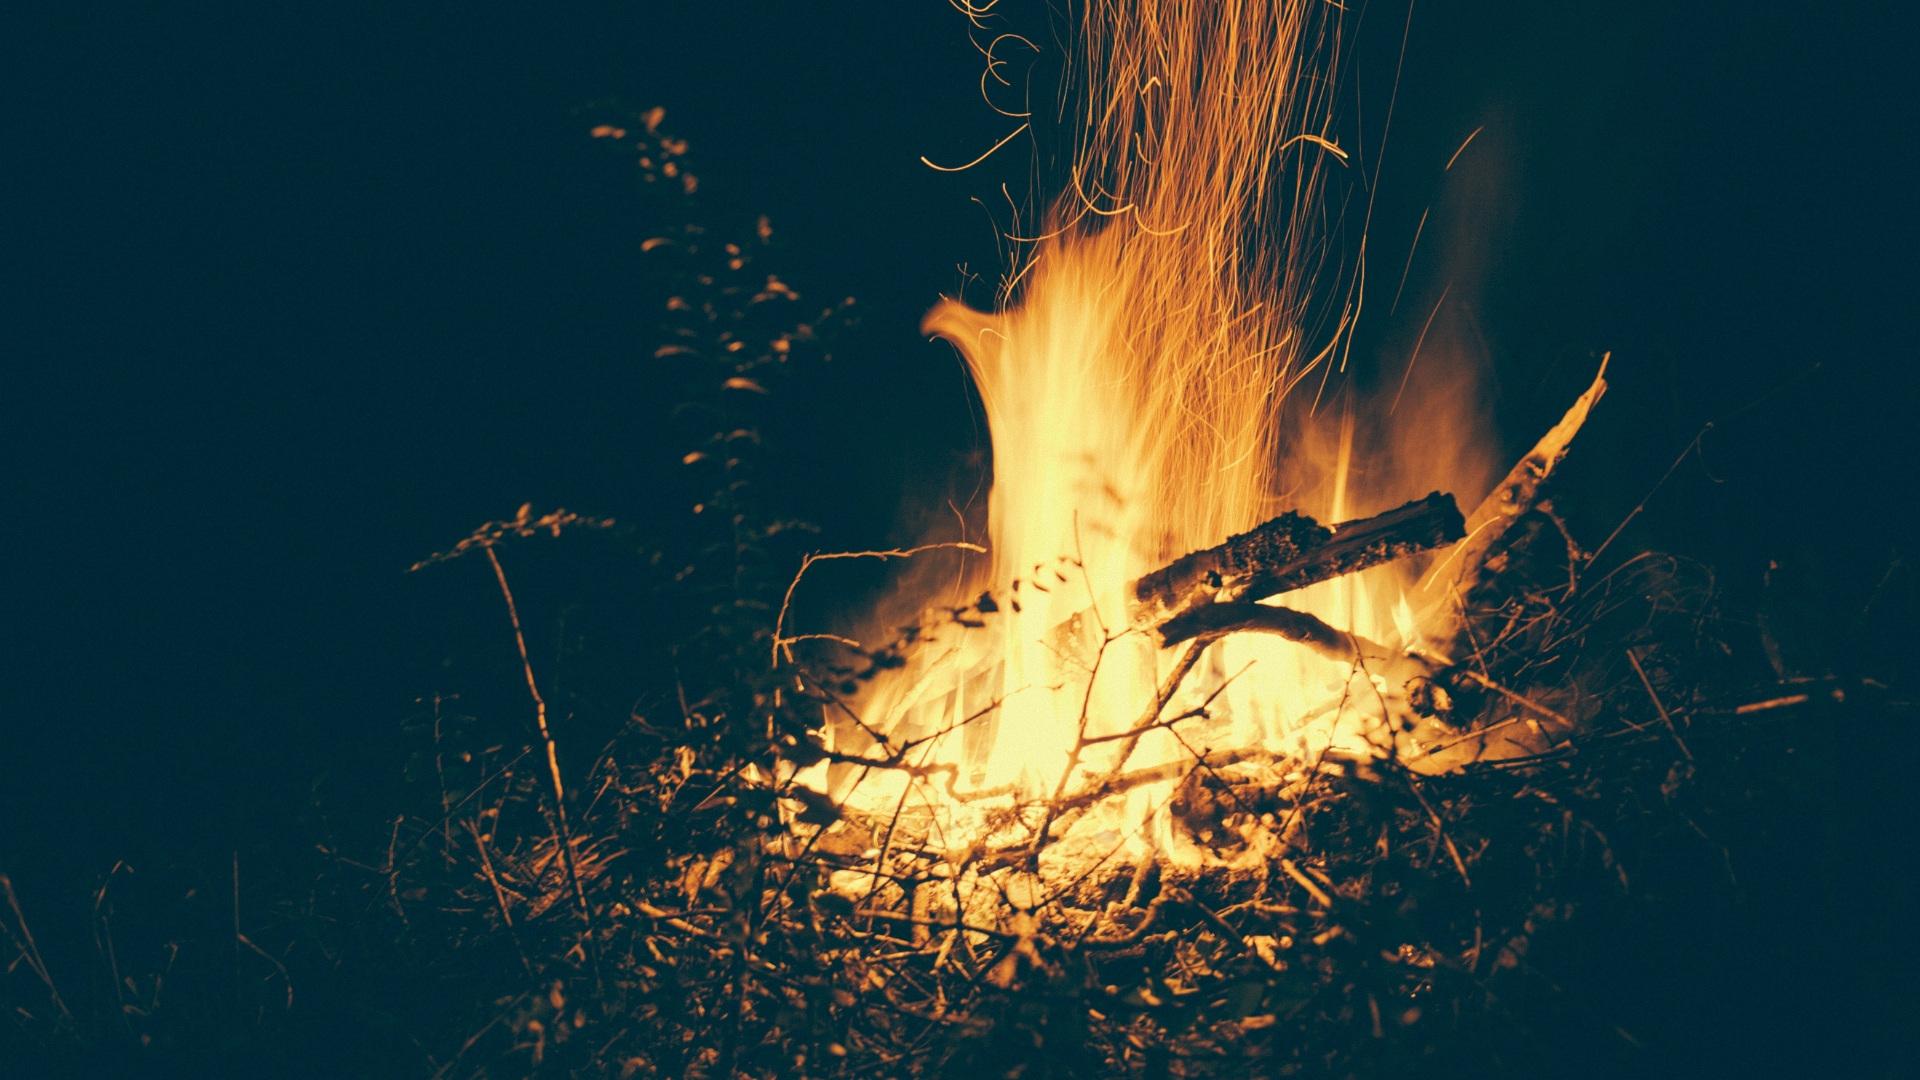 A partir de hoy quedan prohibidas las quemas de restos agricolas y forestales en Galicia 1920